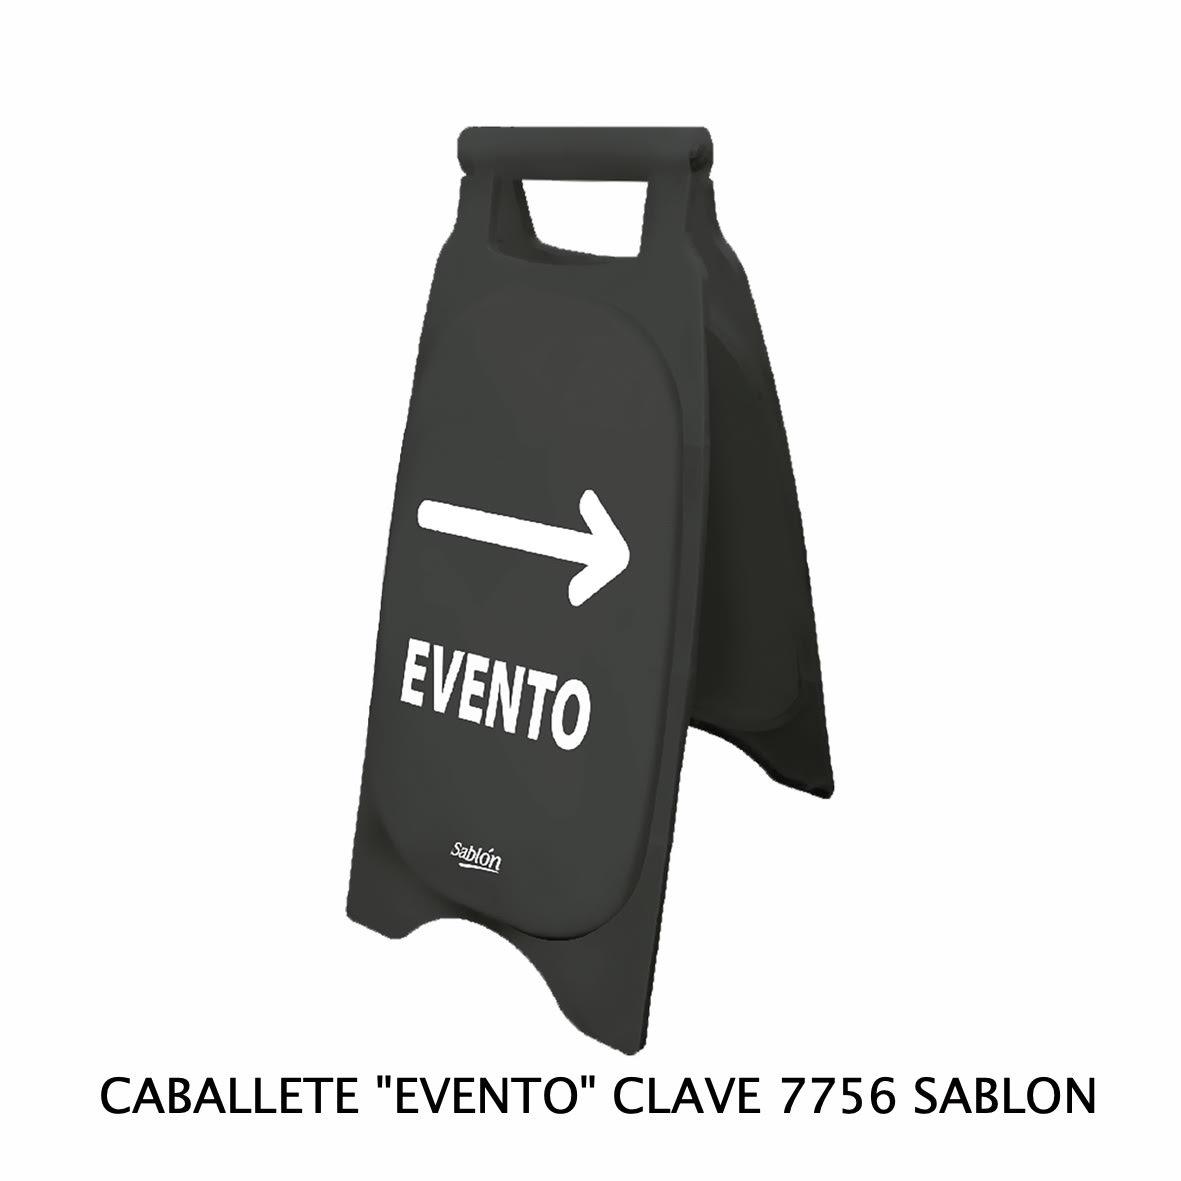 Caballete con señal EVENTO Clave 7756 de Sablón